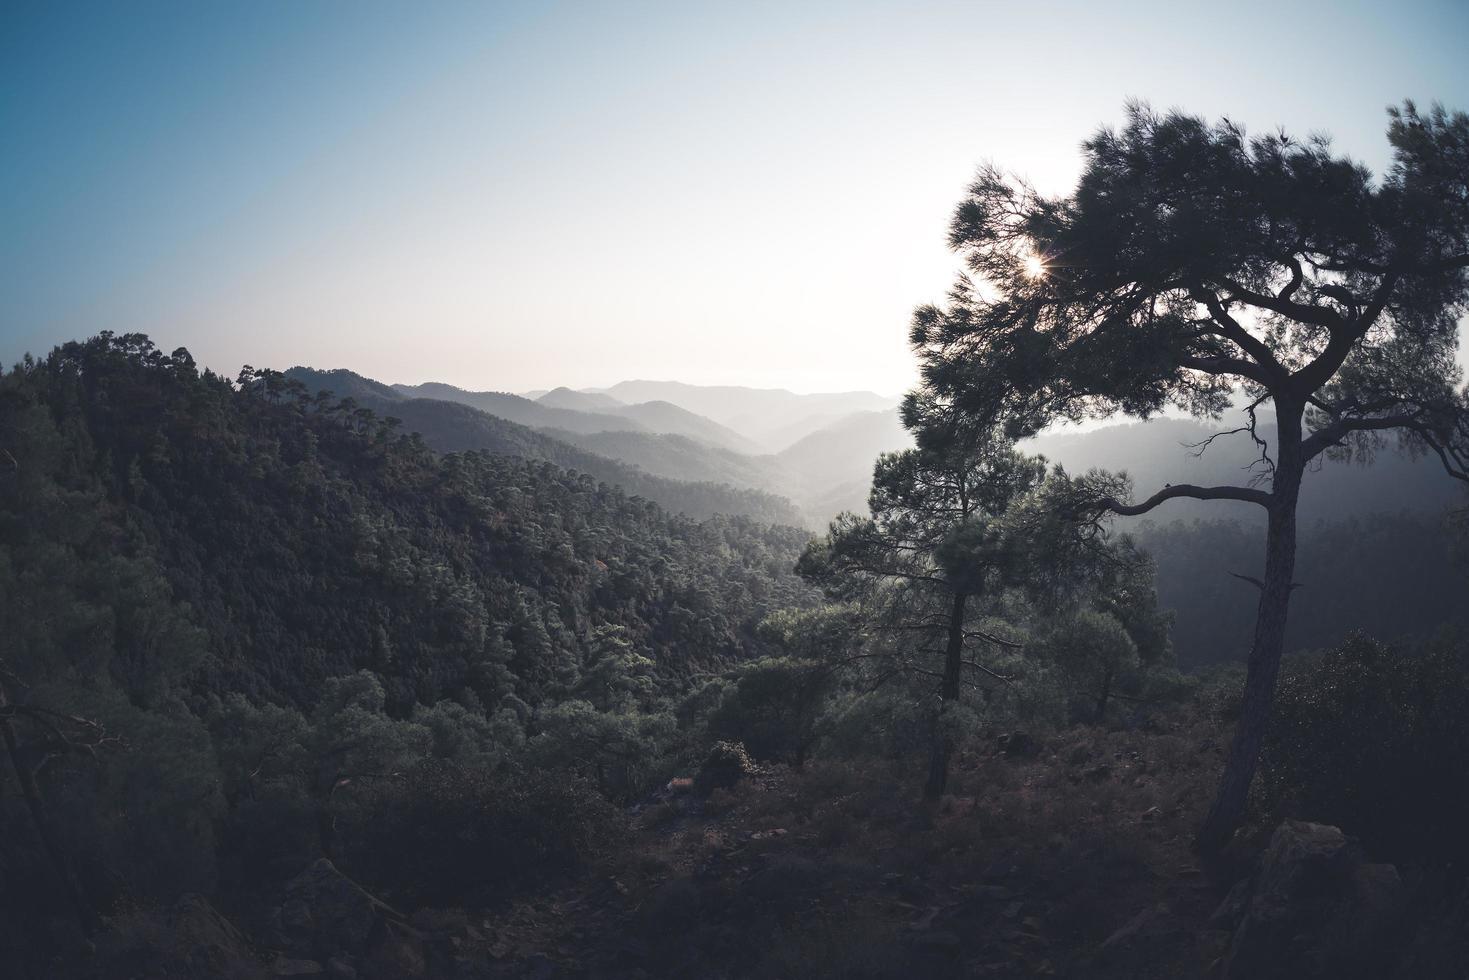 dunstige Berge von Troodos, Zypern foto